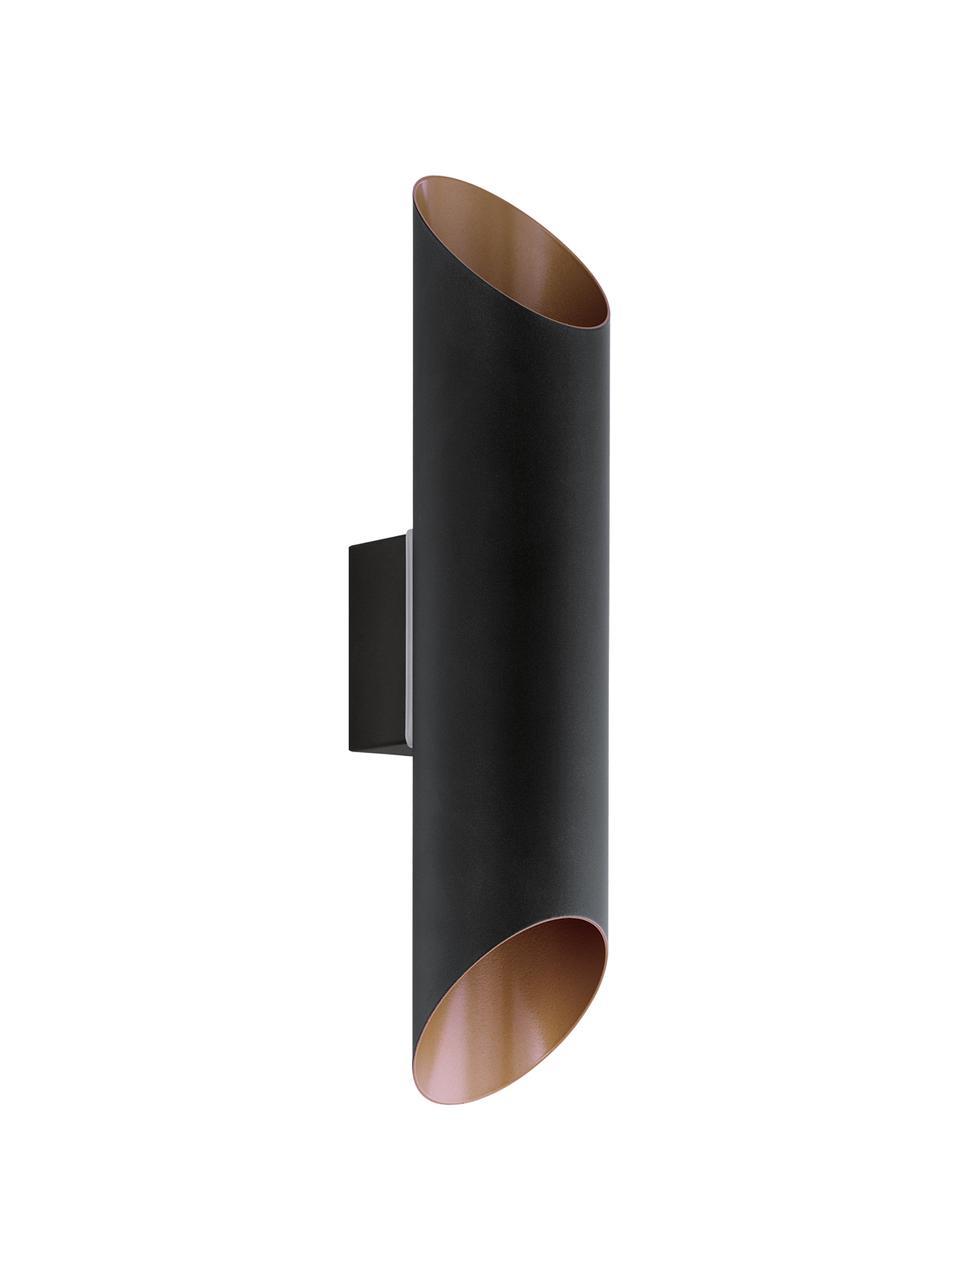 Außenwandleuchte Agolada in Schwarz-Kupfer, Lampenschirm: Stahl, verzinkt, Außen: Schwarz Innen: Kupferfarben, 8 x 36 cm